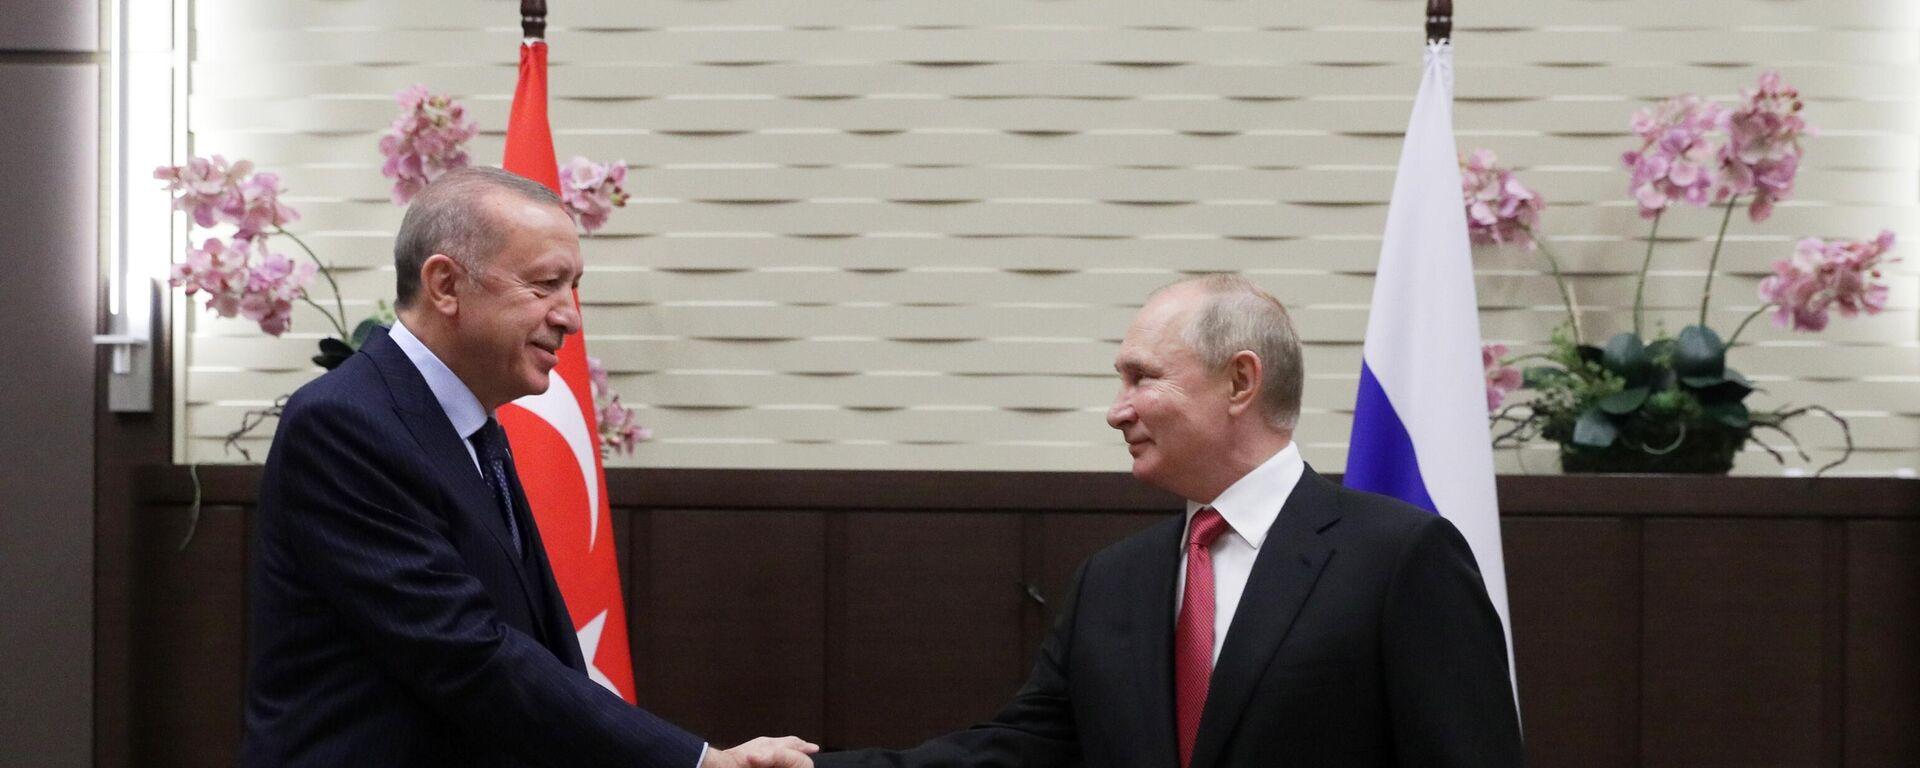 """""""Odnosi Rusije i Turske se pozitivno razvijaju"""": Počeo sastanak Putina i Erdogana u Sočiju - Sputnik Srbija, 1920, 29.09.2021"""